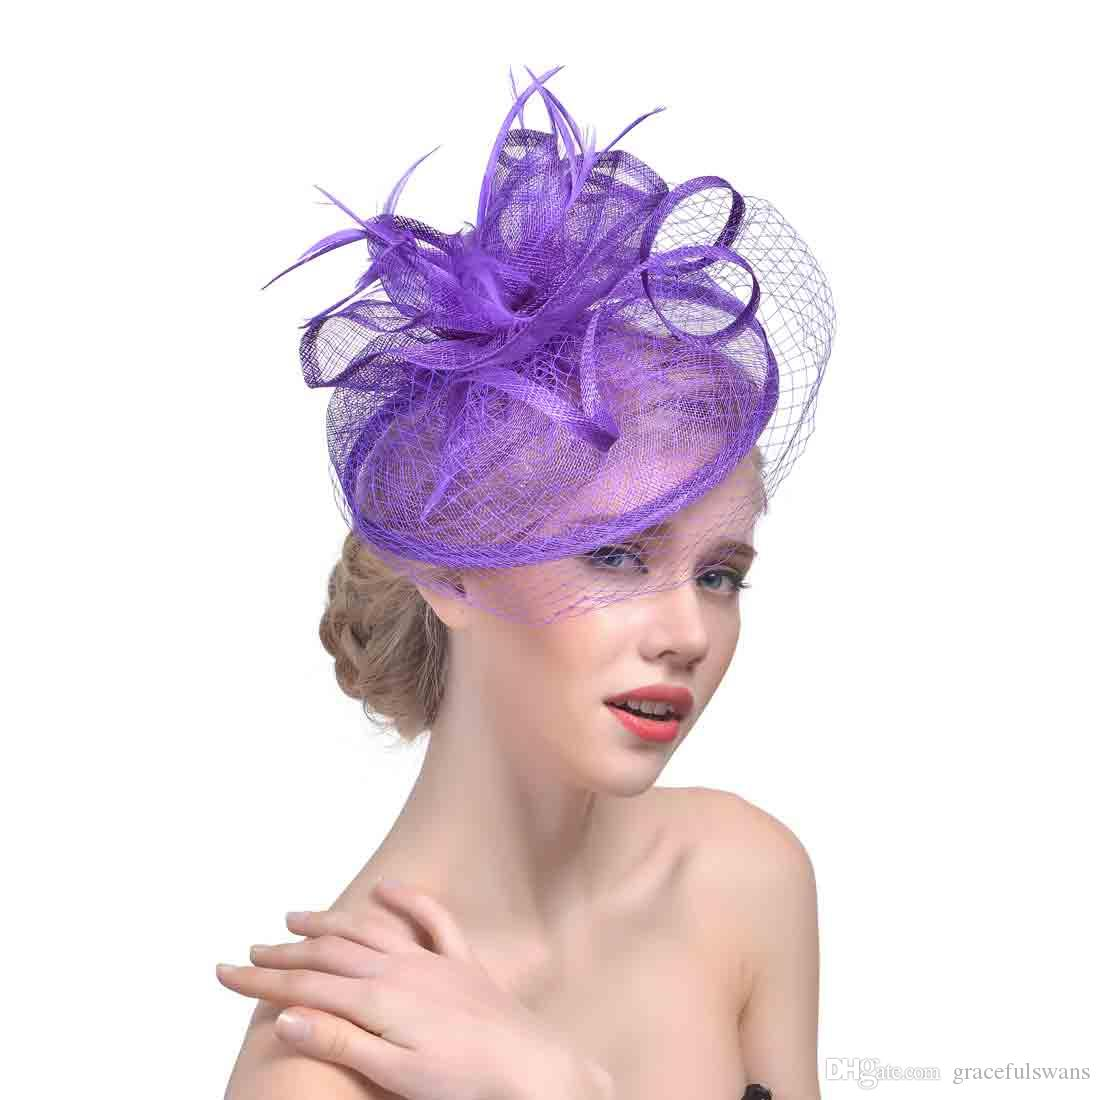 ... Velos faciales Sombreros para mujer Plumas de novia Fascinators  Sombreros de boda 2018 Recién vestidos de ... 09f0bfa5671